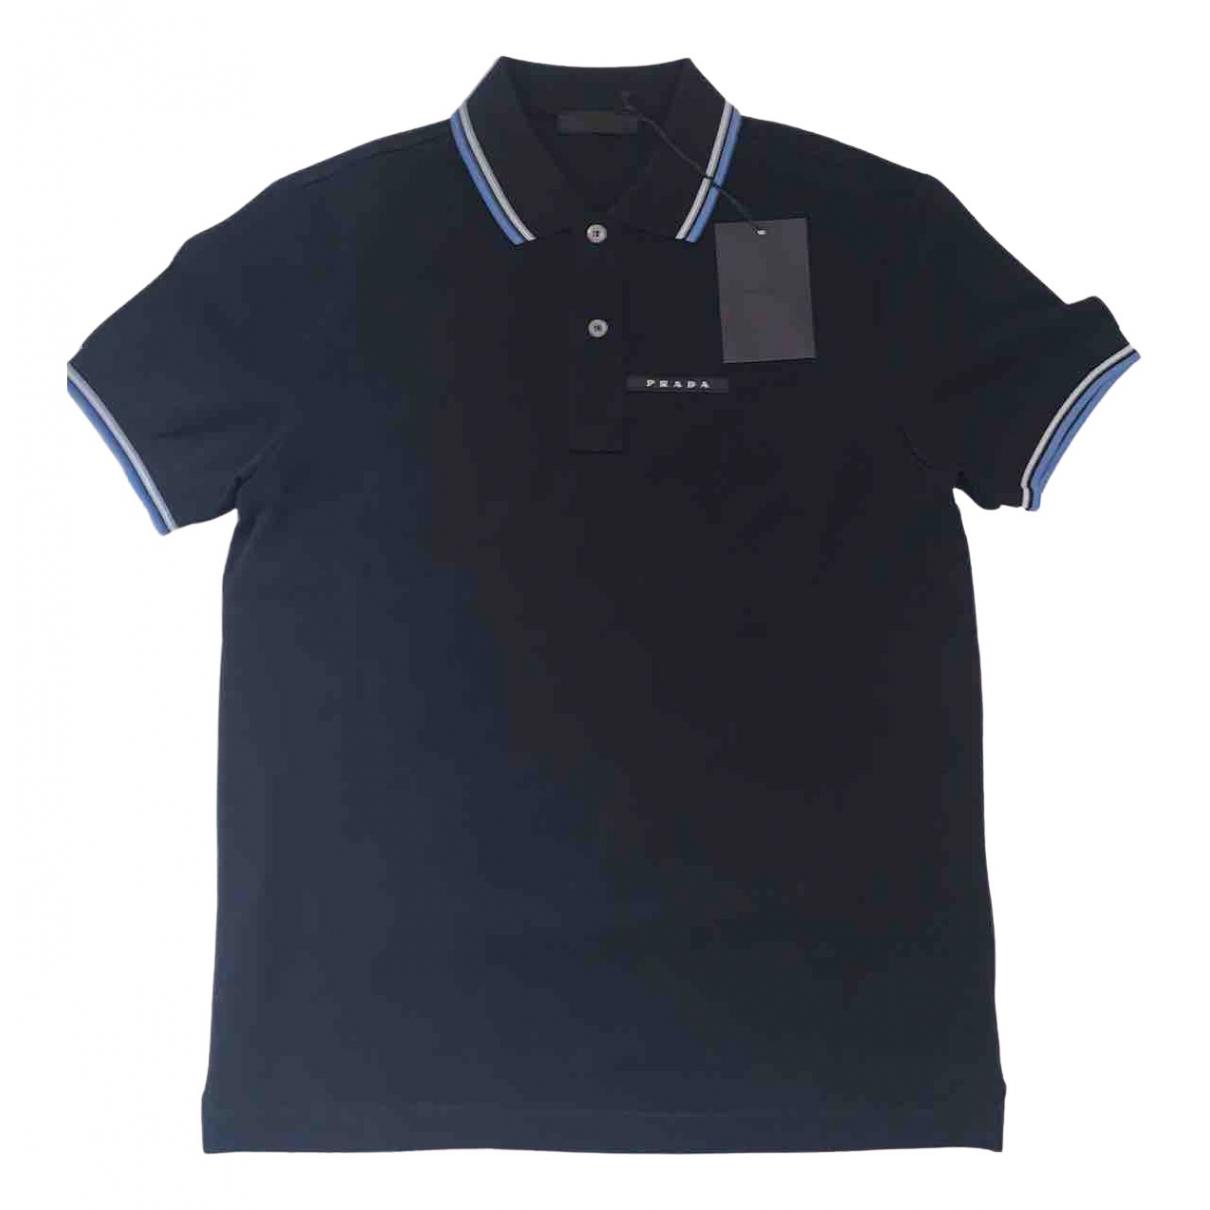 Prada - Tee shirts   pour homme en coton - marine